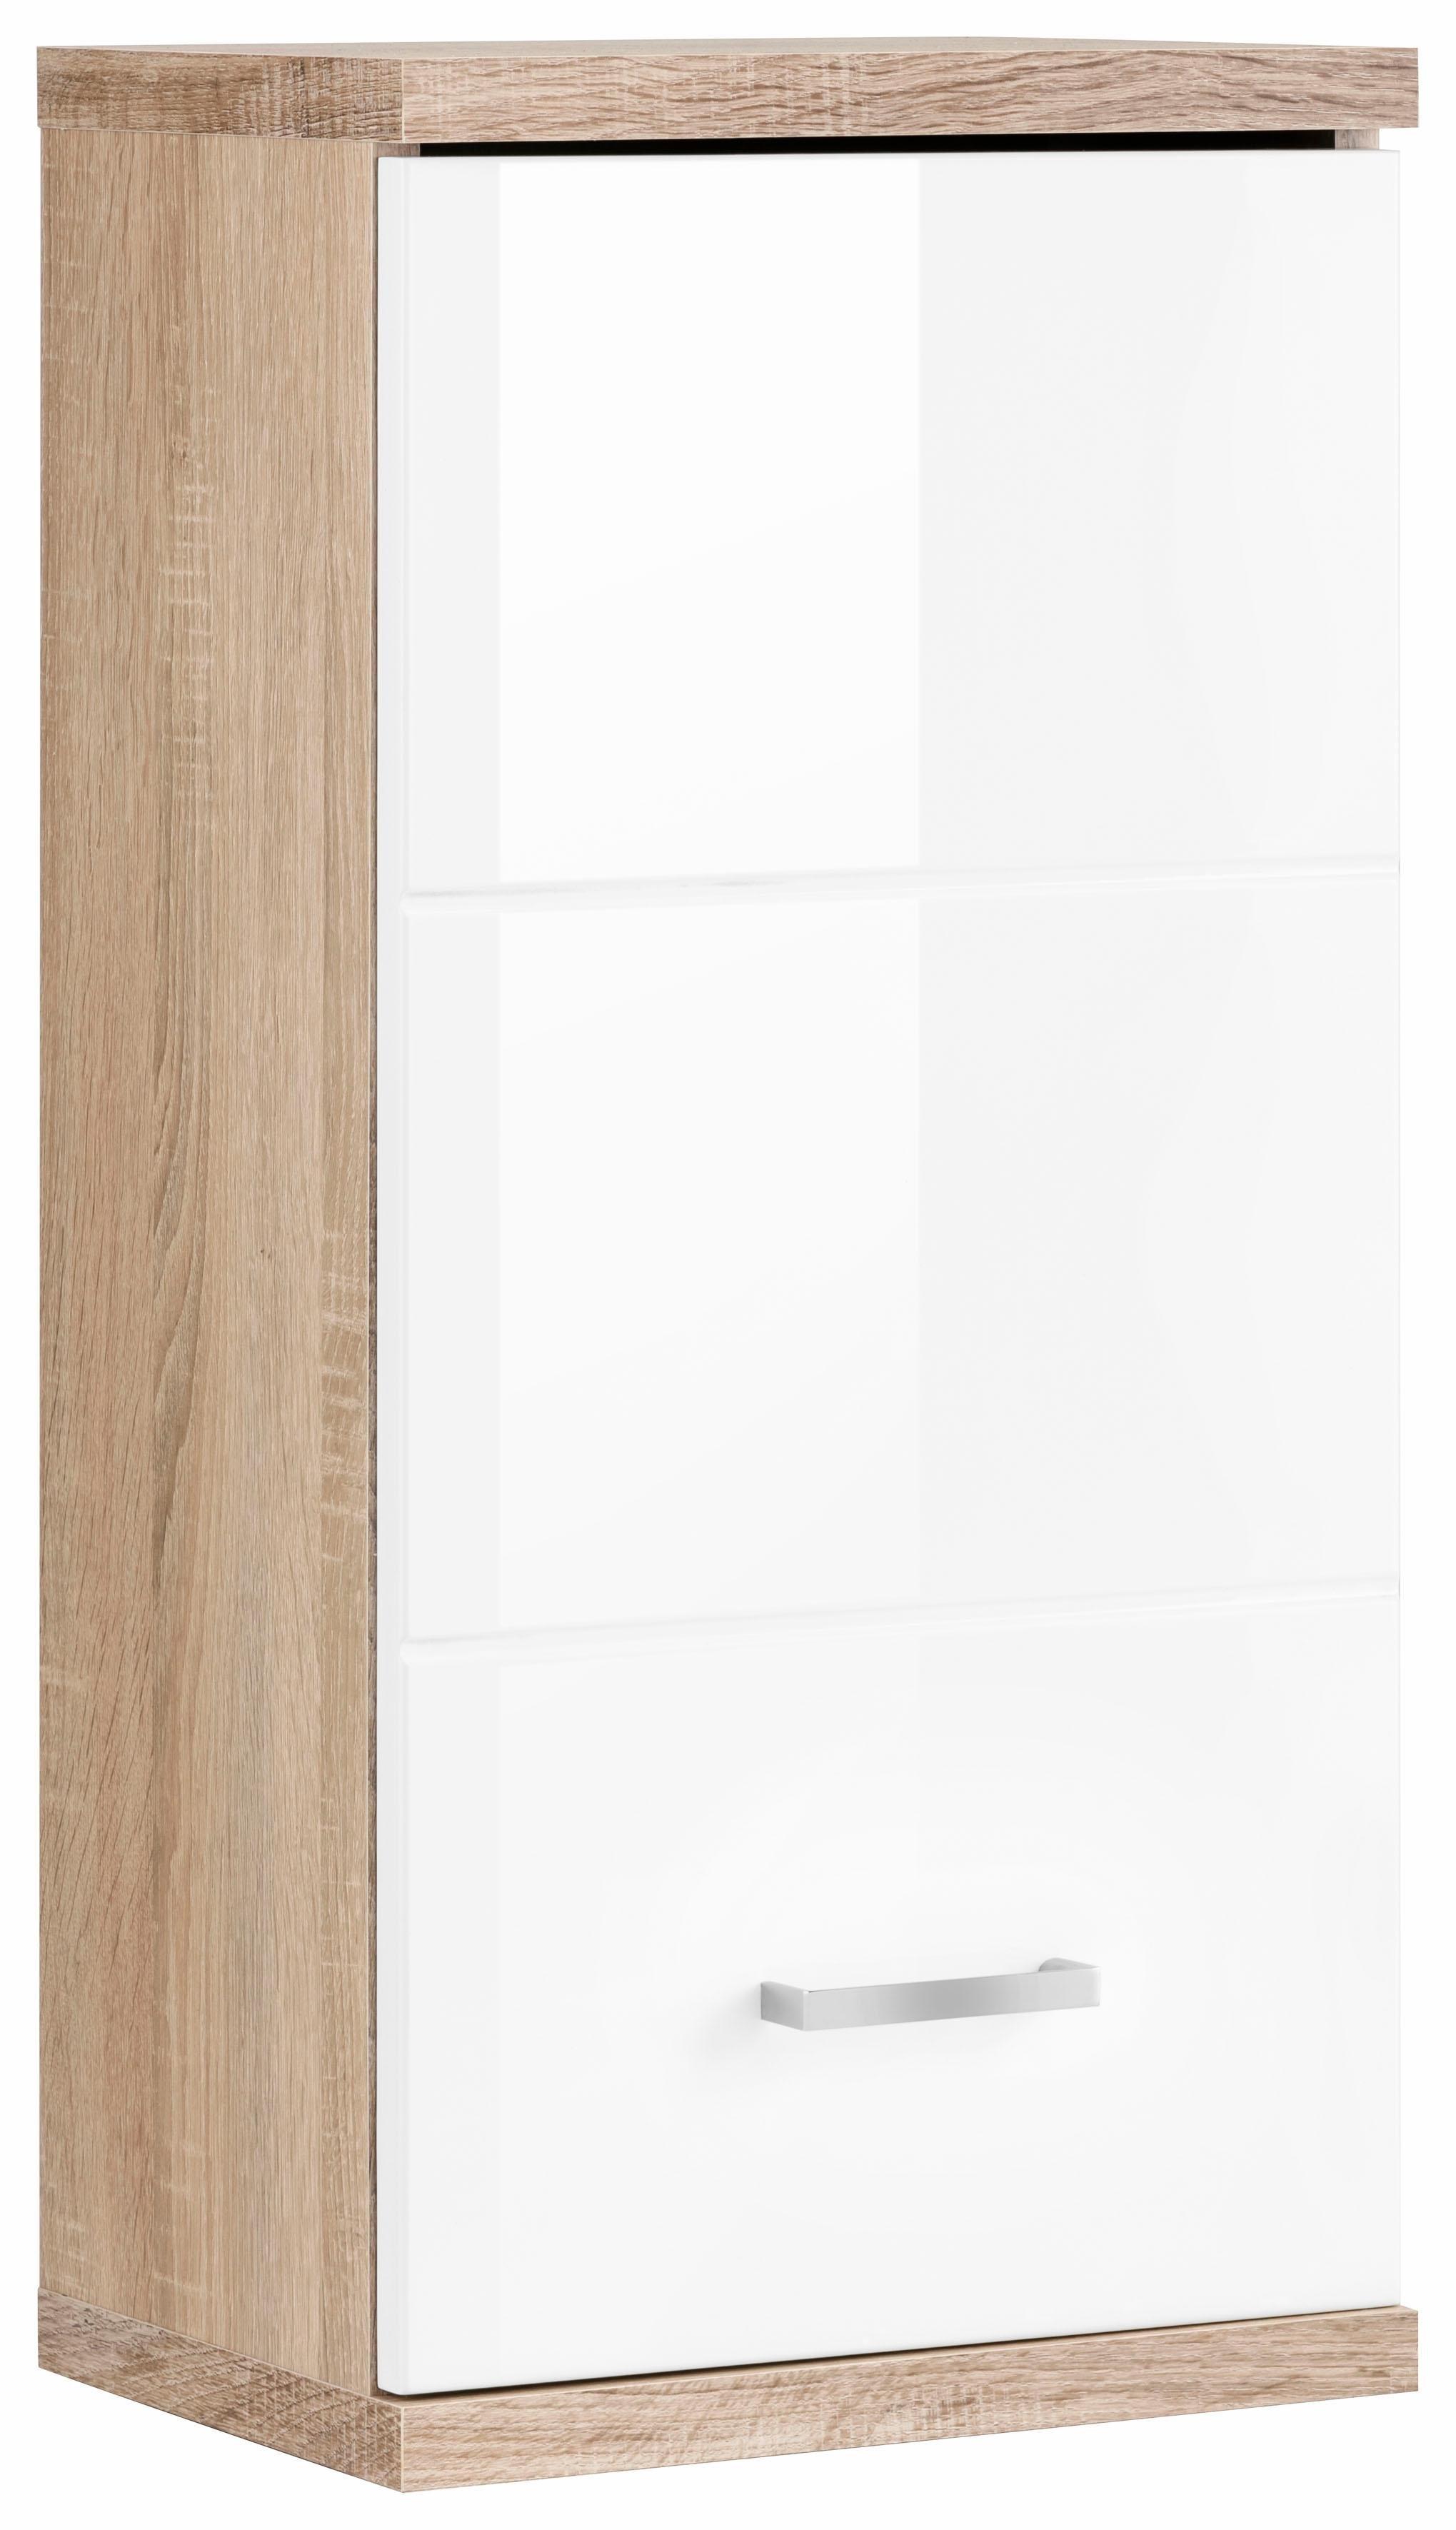 Homexperts hangend kastje Nusa Breedte 35 cm, badkamerkast met metalen greep, verwisselbare draairichting, mdf-front in hoogglans-look - verschillende betaalmethodes